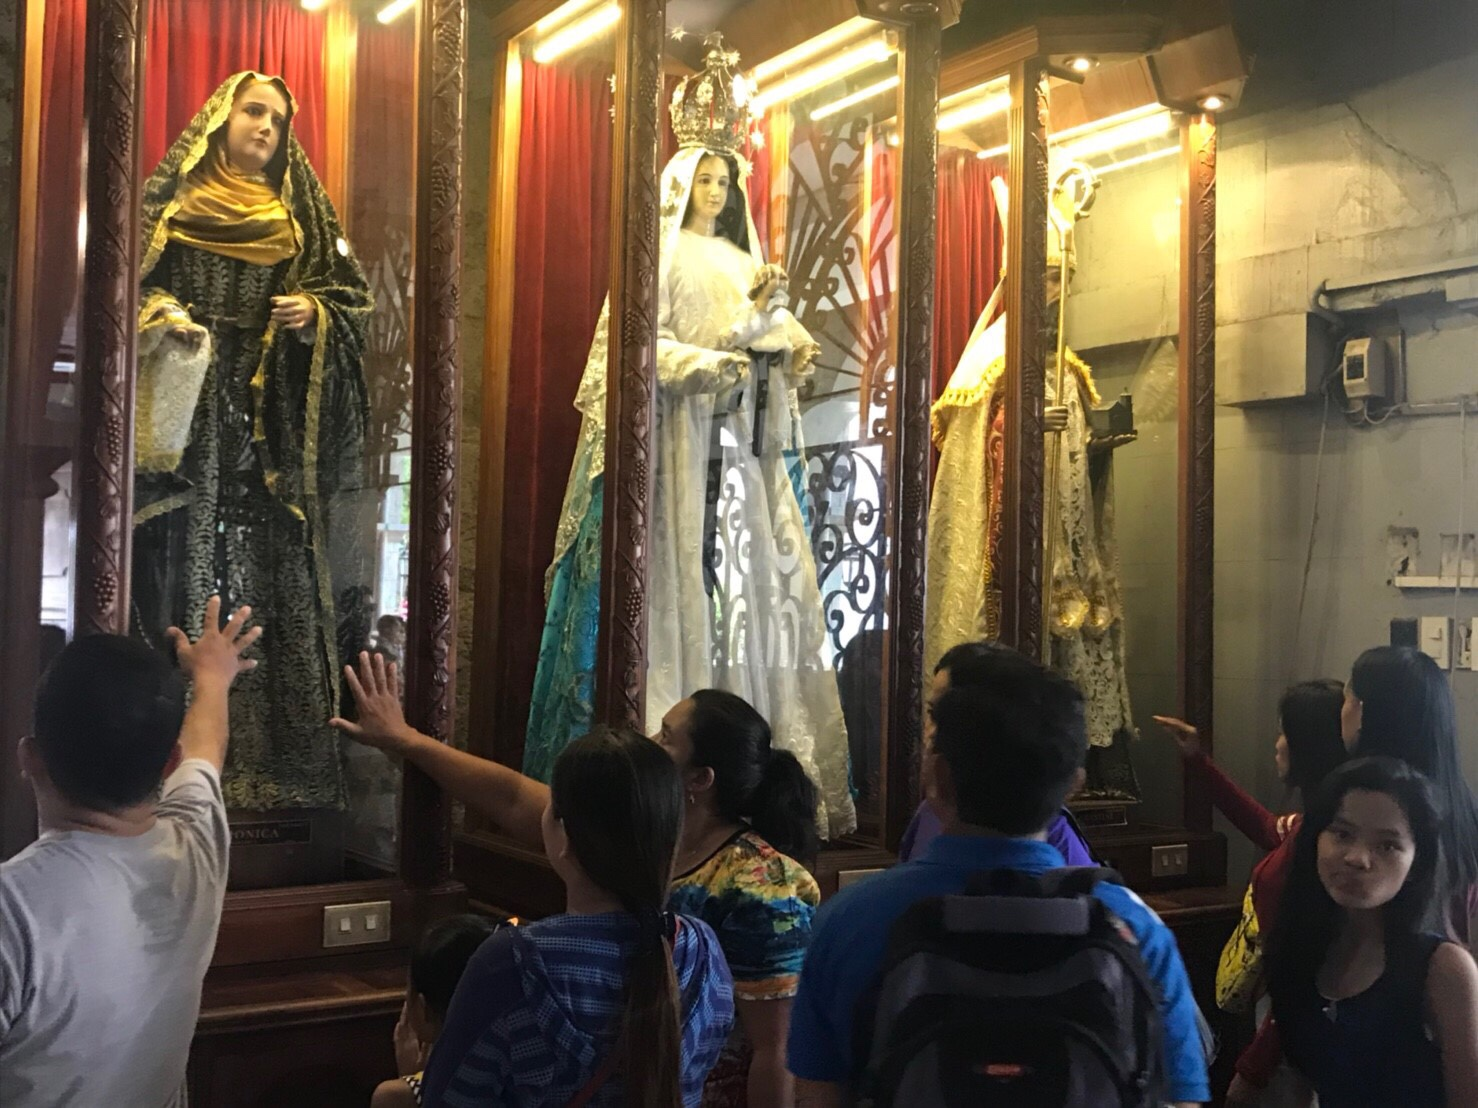 セブ島最古の歴史的教会「サントニーニョ教会」